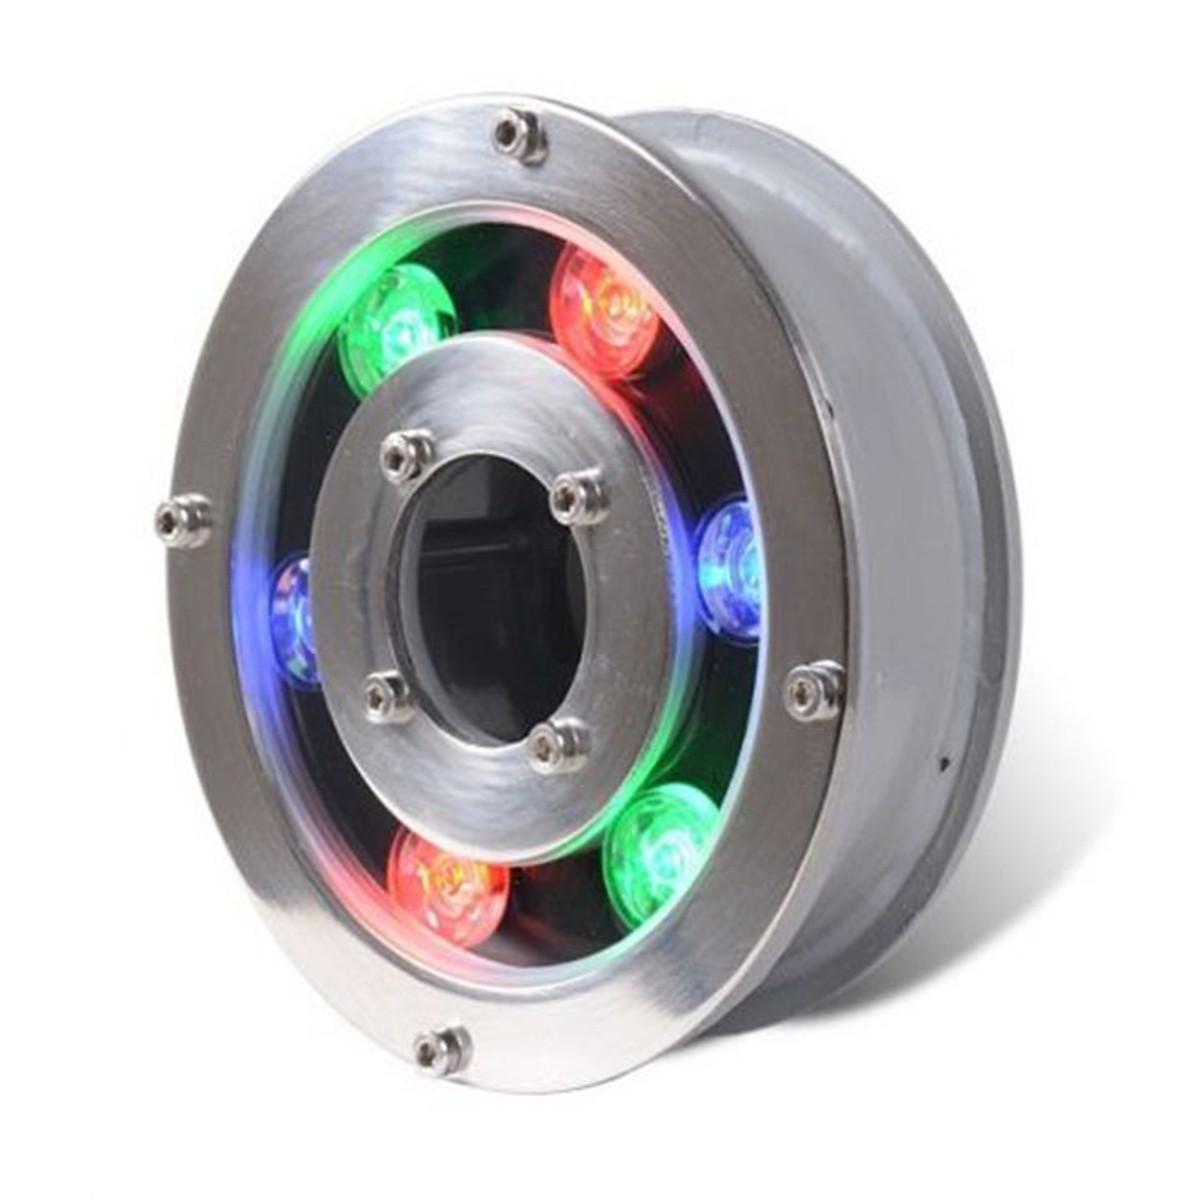 Đèn LED âm nước dạng bánh xe 6W đổi màu 12VAC - Đèn âm nước có lỗ 6w cao cấp - 18572536 , 4445904715197 , 62_21169204 , 700000 , Den-LED-am-nuoc-dang-banh-xe-6W-doi-mau-12VAC-Den-am-nuoc-co-lo-6w-cao-cap-62_21169204 , tiki.vn , Đèn LED âm nước dạng bánh xe 6W đổi màu 12VAC - Đèn âm nước có lỗ 6w cao cấp